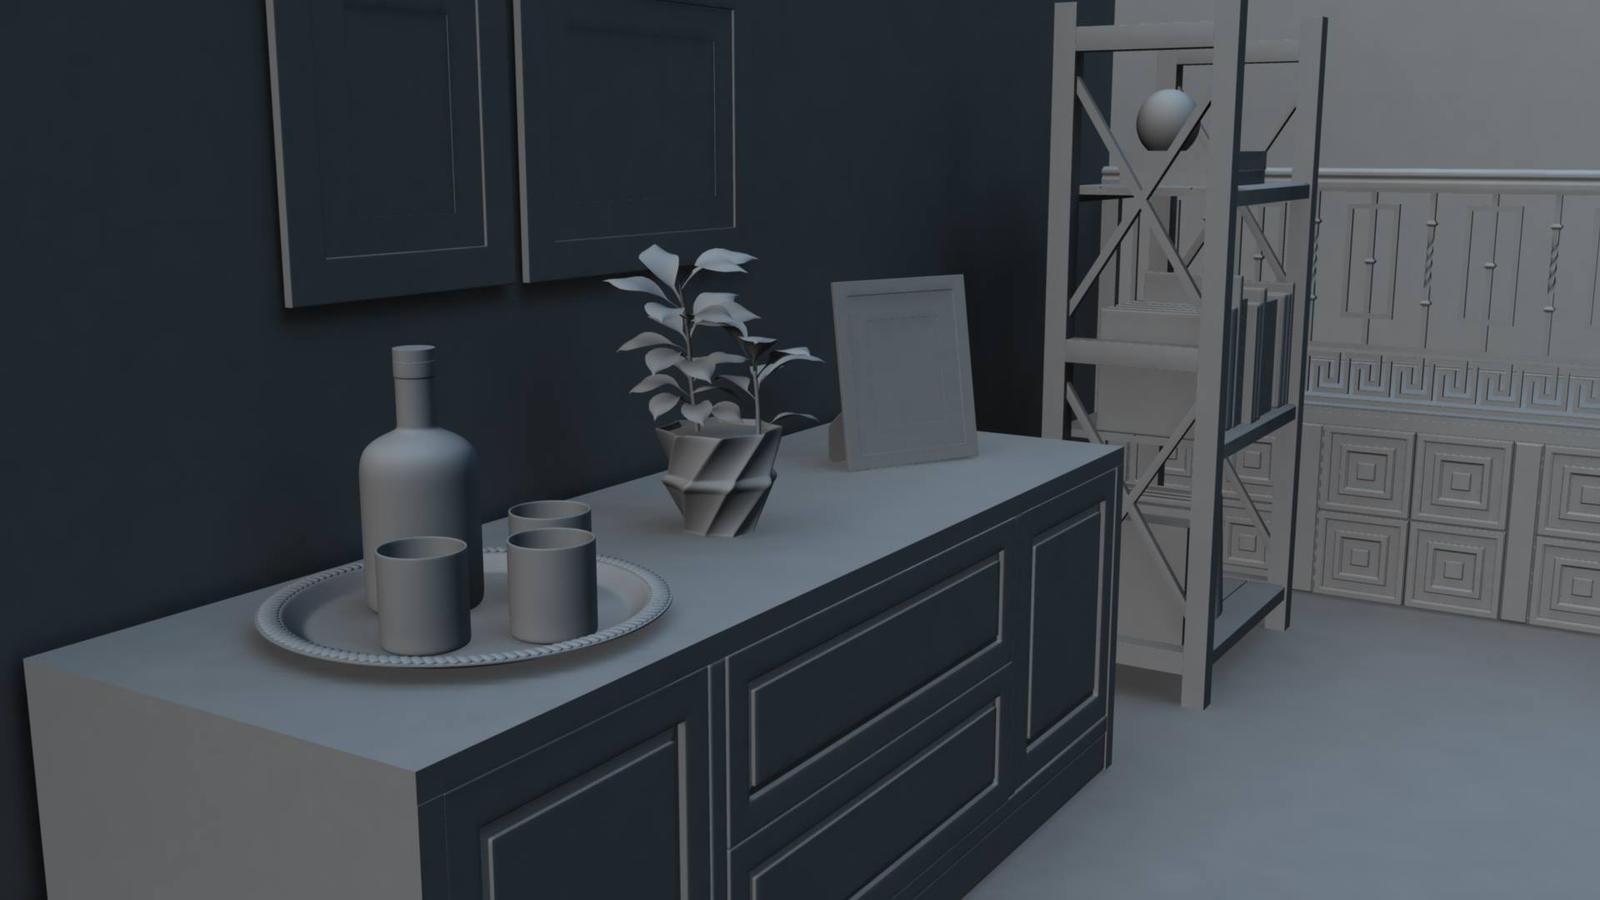 Interior 04 by BRokeNARRoW13